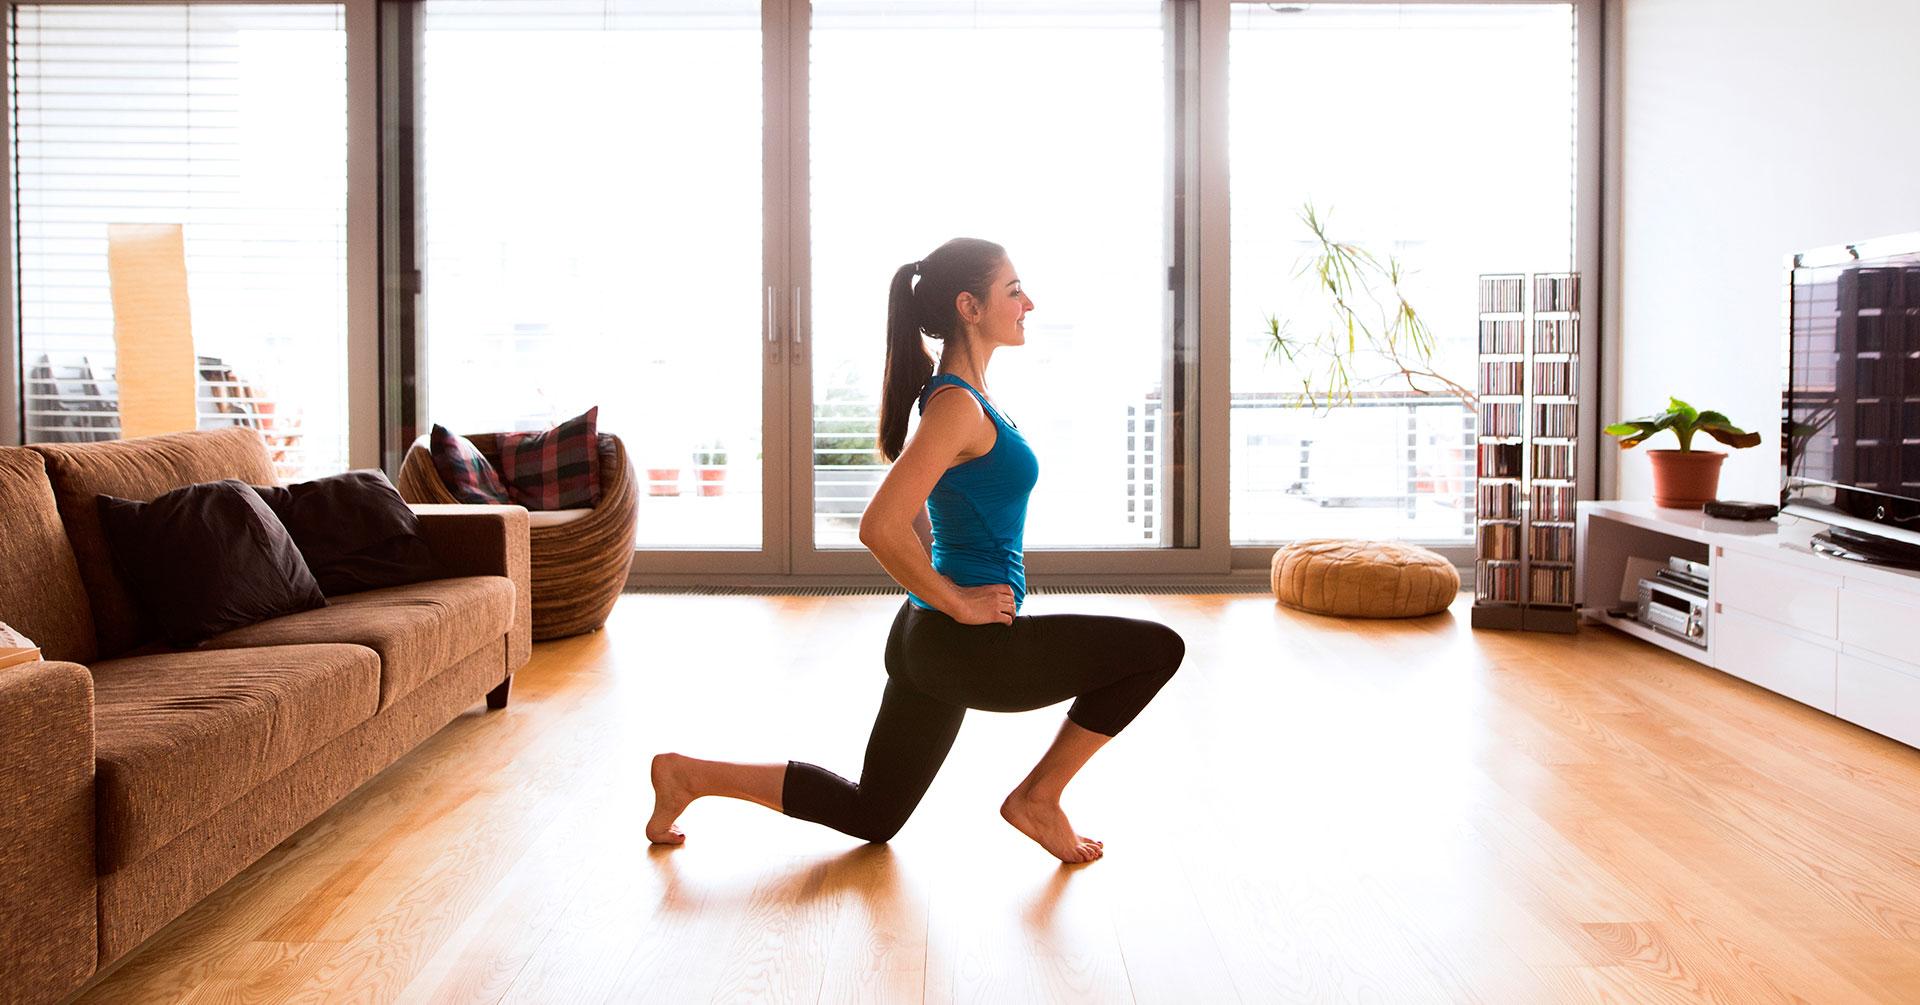 Empieza la semana con una rutina de ejercicios en casa